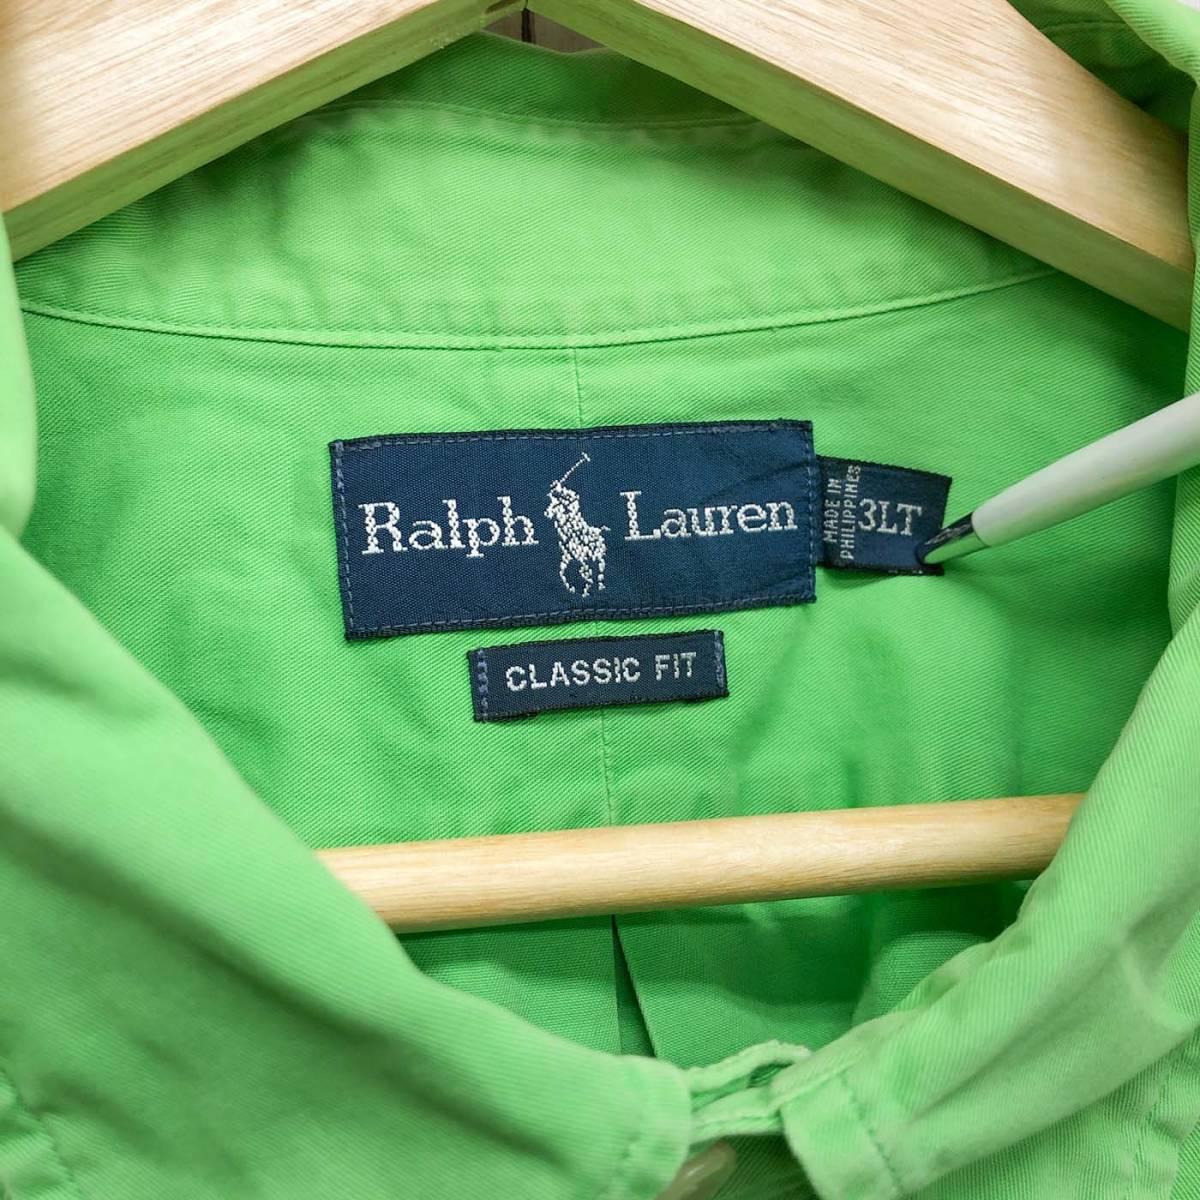 ラルフローレン POLO Ralph Lauren Polo 長袖シャツ メンズ ワンポイント 3XLサイズ 7-241_画像5